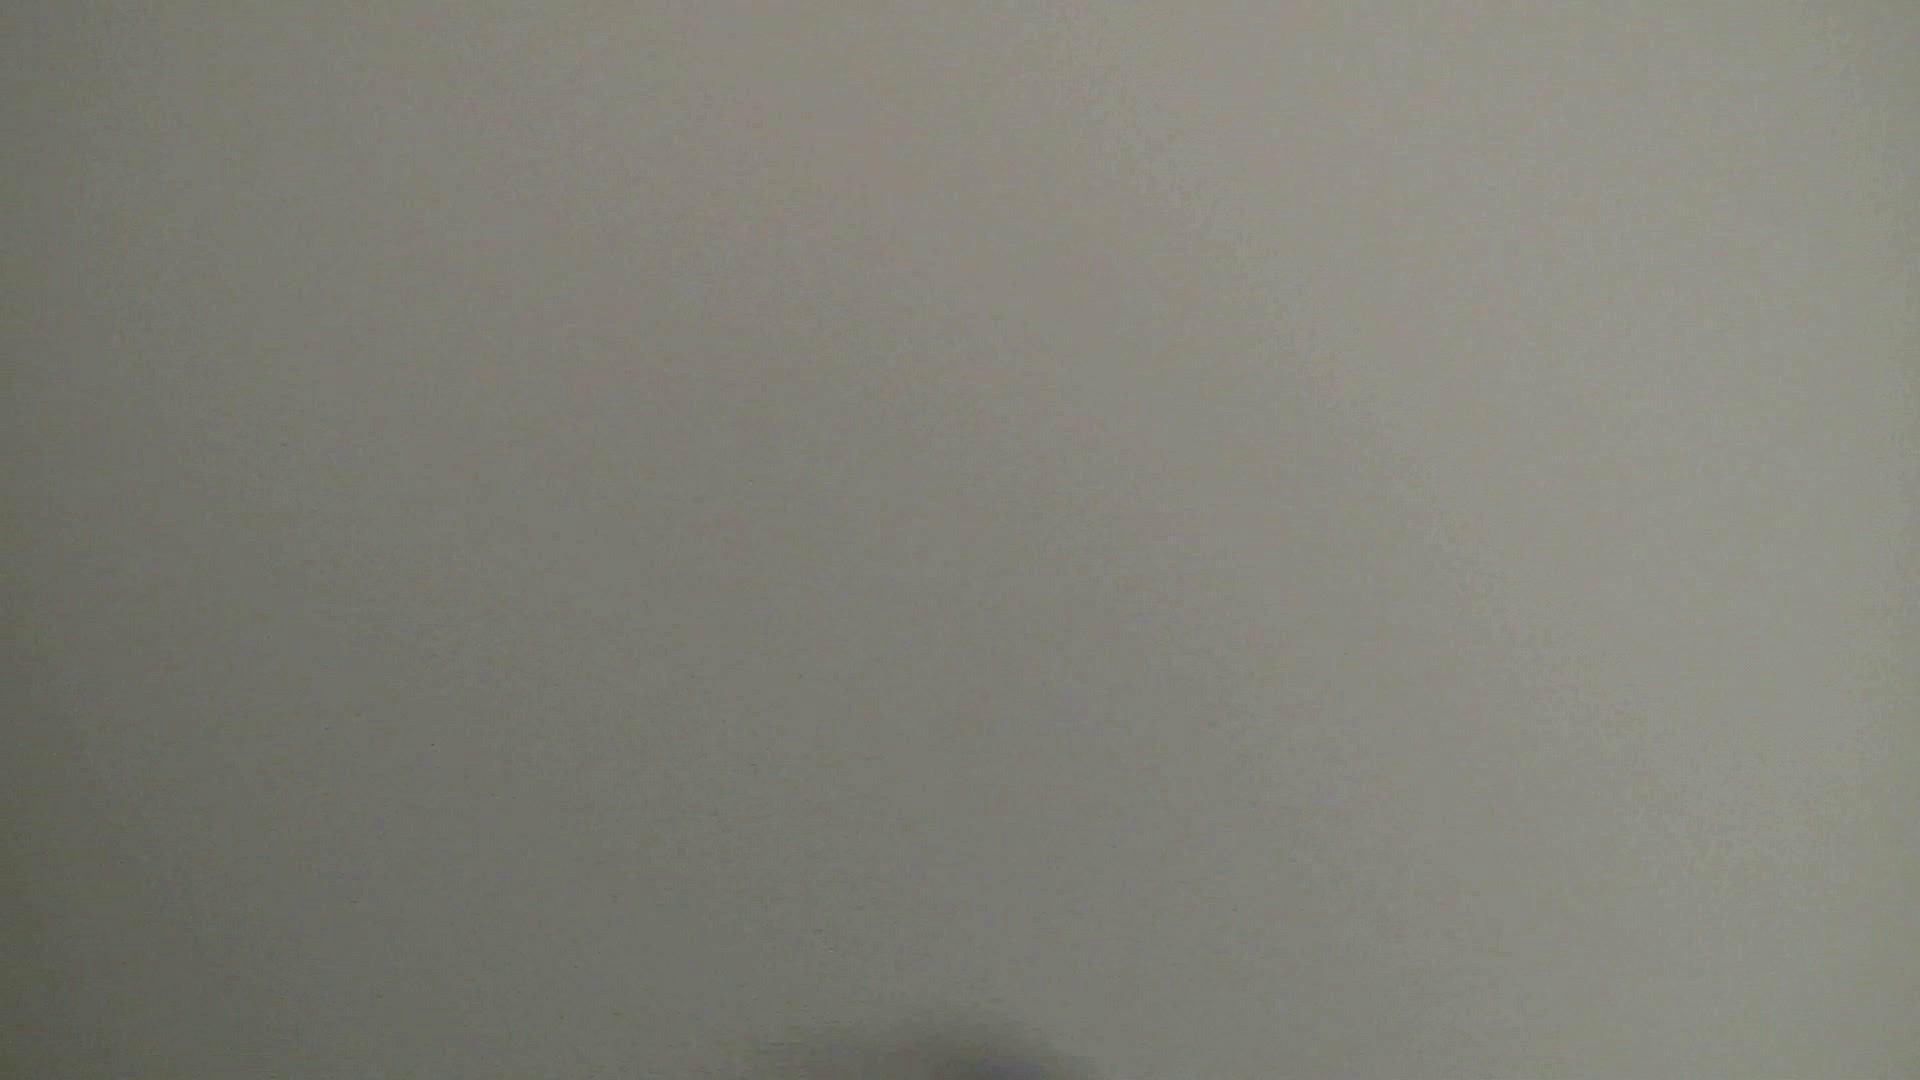 お市さんの「お尻丸出しジャンボリー」No.2 ギャル攻め エロ無料画像 109画像 86